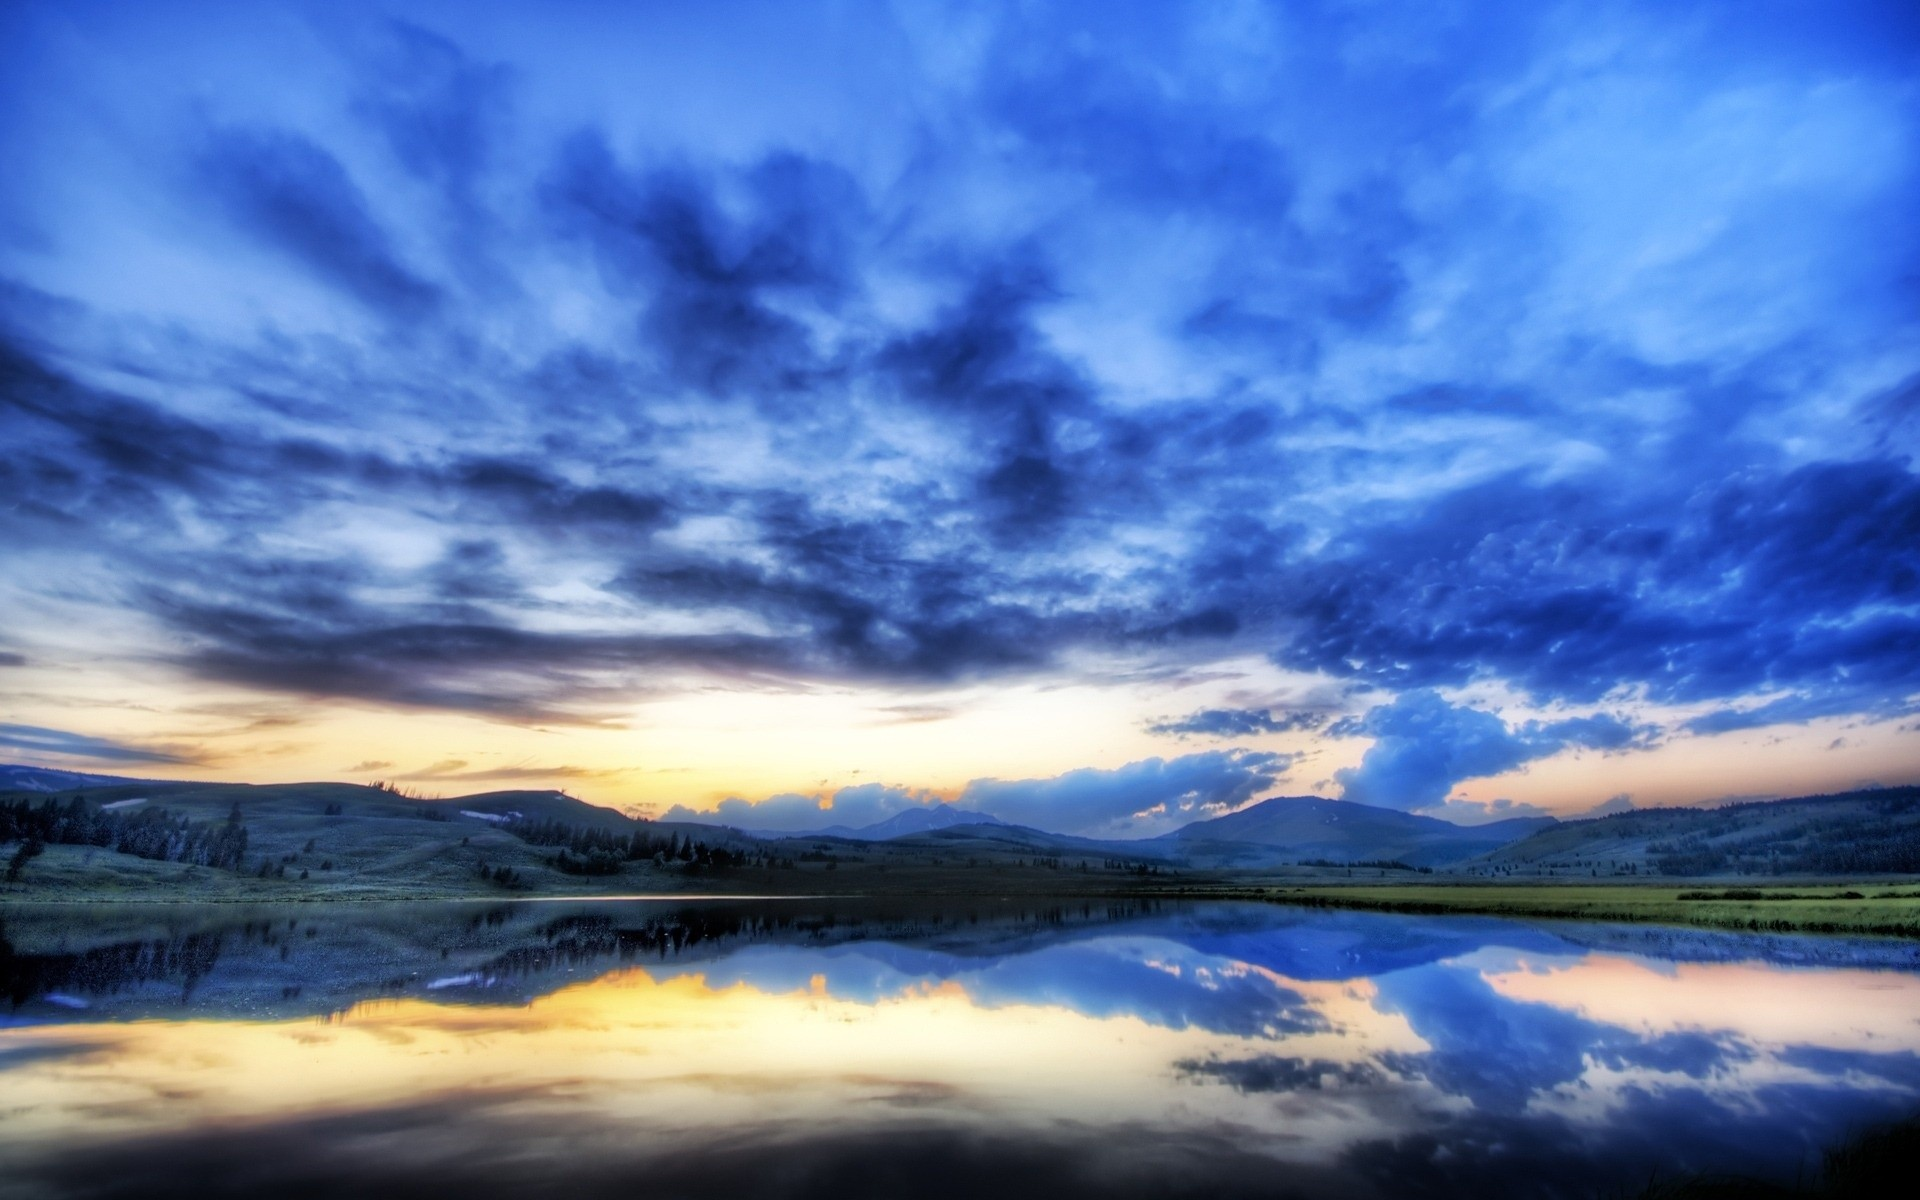 закат горы небо вода  № 1019698 загрузить